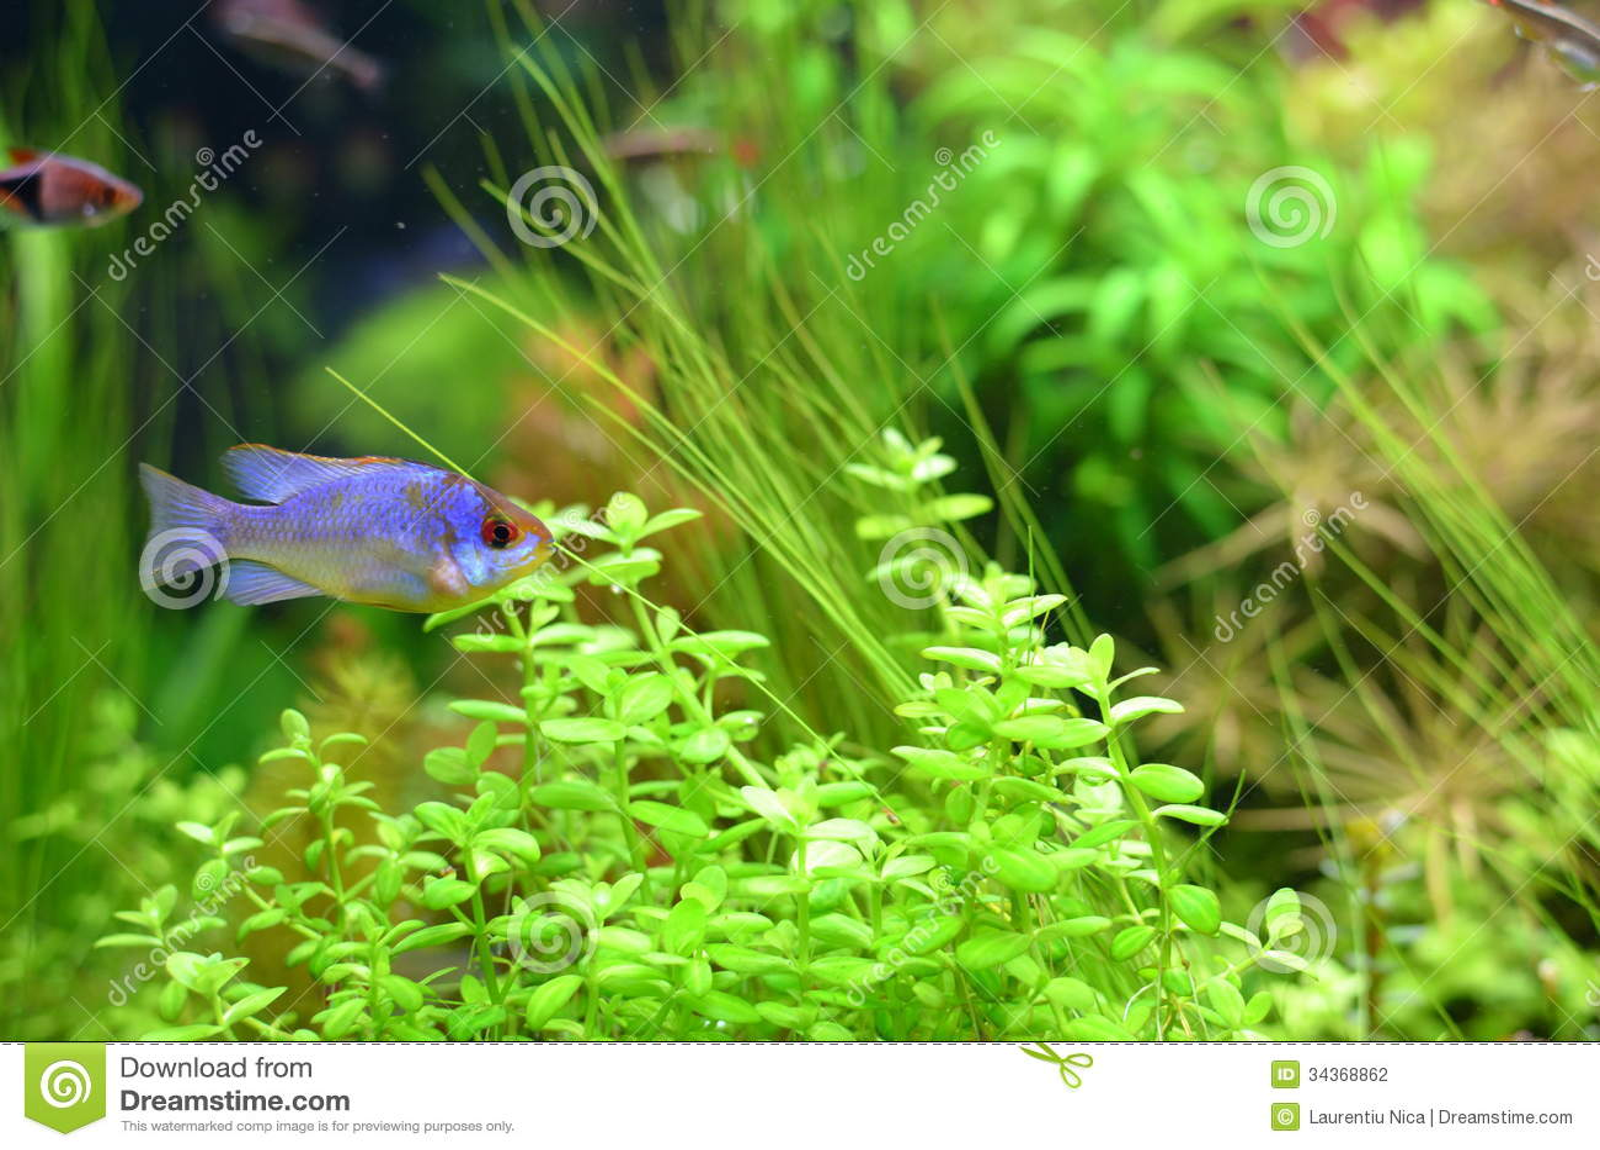 Fish for aquarium at home - Home Aquarium